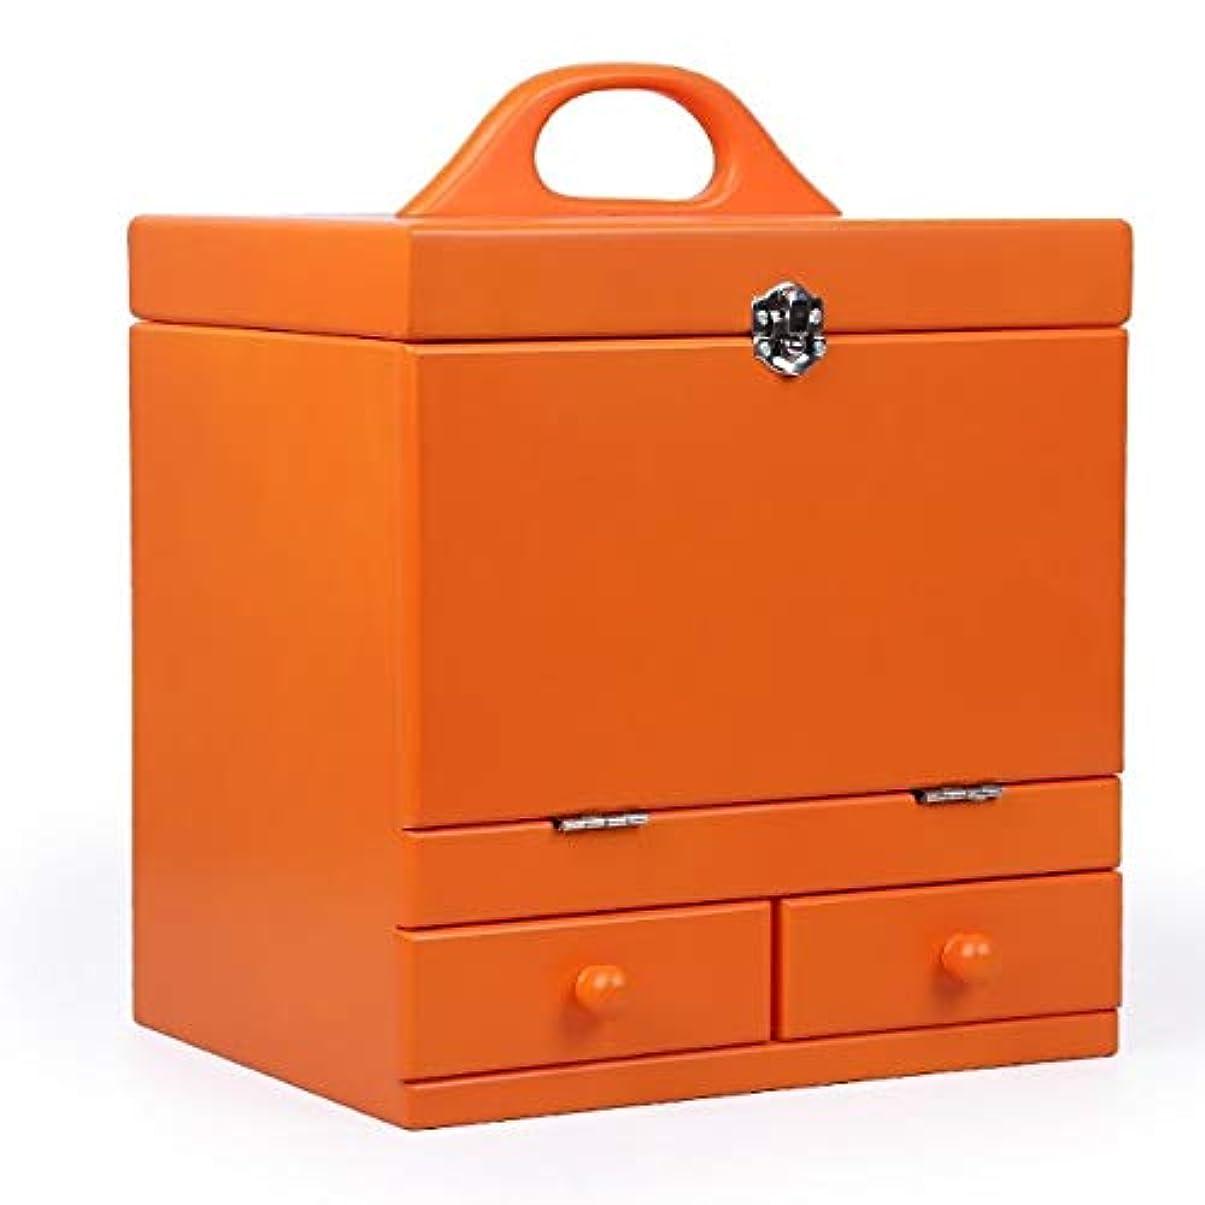 頑張るシソーラス武器化粧箱、オレンジ二重デッキヴィンテージ木製彫刻化粧品ケース、ミラー、高級ウェディングギフト、新築祝いギフト、美容ネイルジュエリー収納ボックス